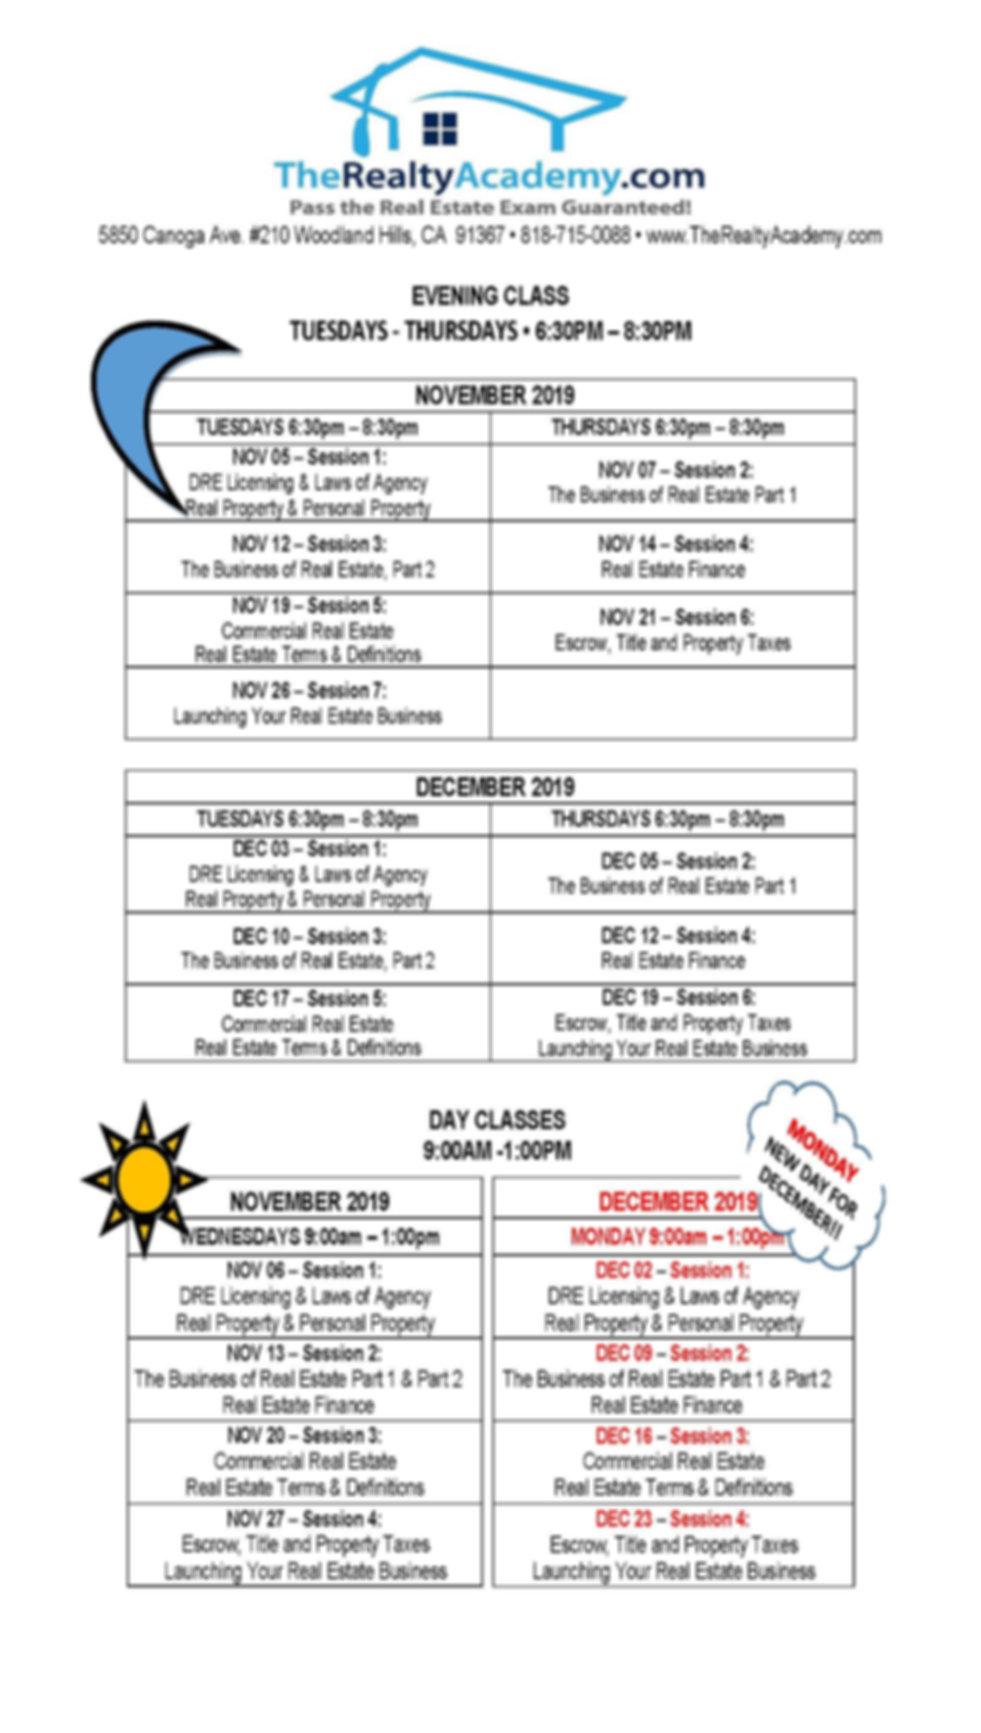 Class Schedule Nov 2019 - Dec 2019.jpg